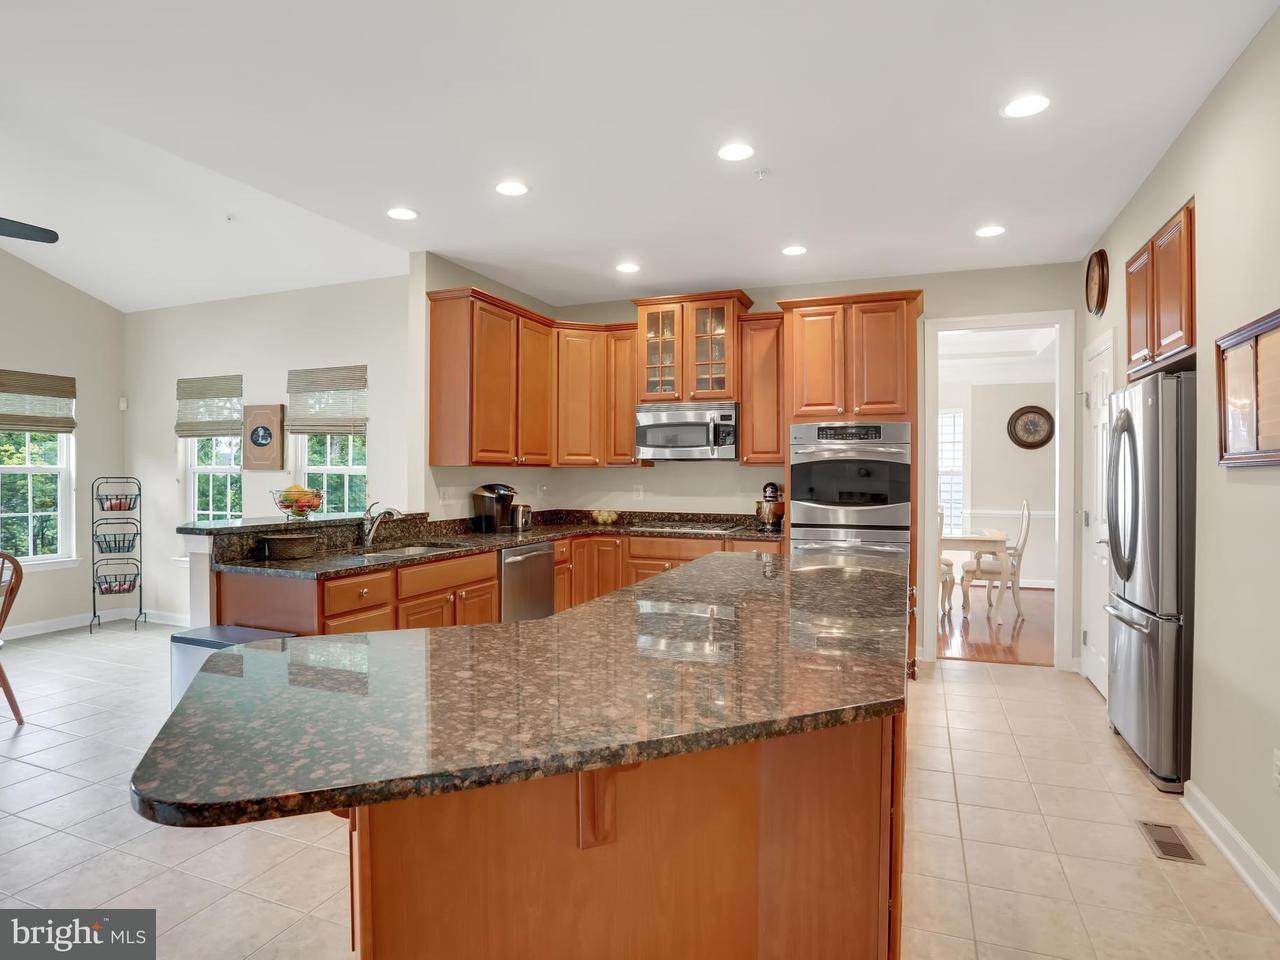 Частный односемейный дом для того Продажа на 1202 MOORE SPRING Court 1202 MOORE SPRING Court Brunswick, Мэриленд 21716 Соединенные Штаты